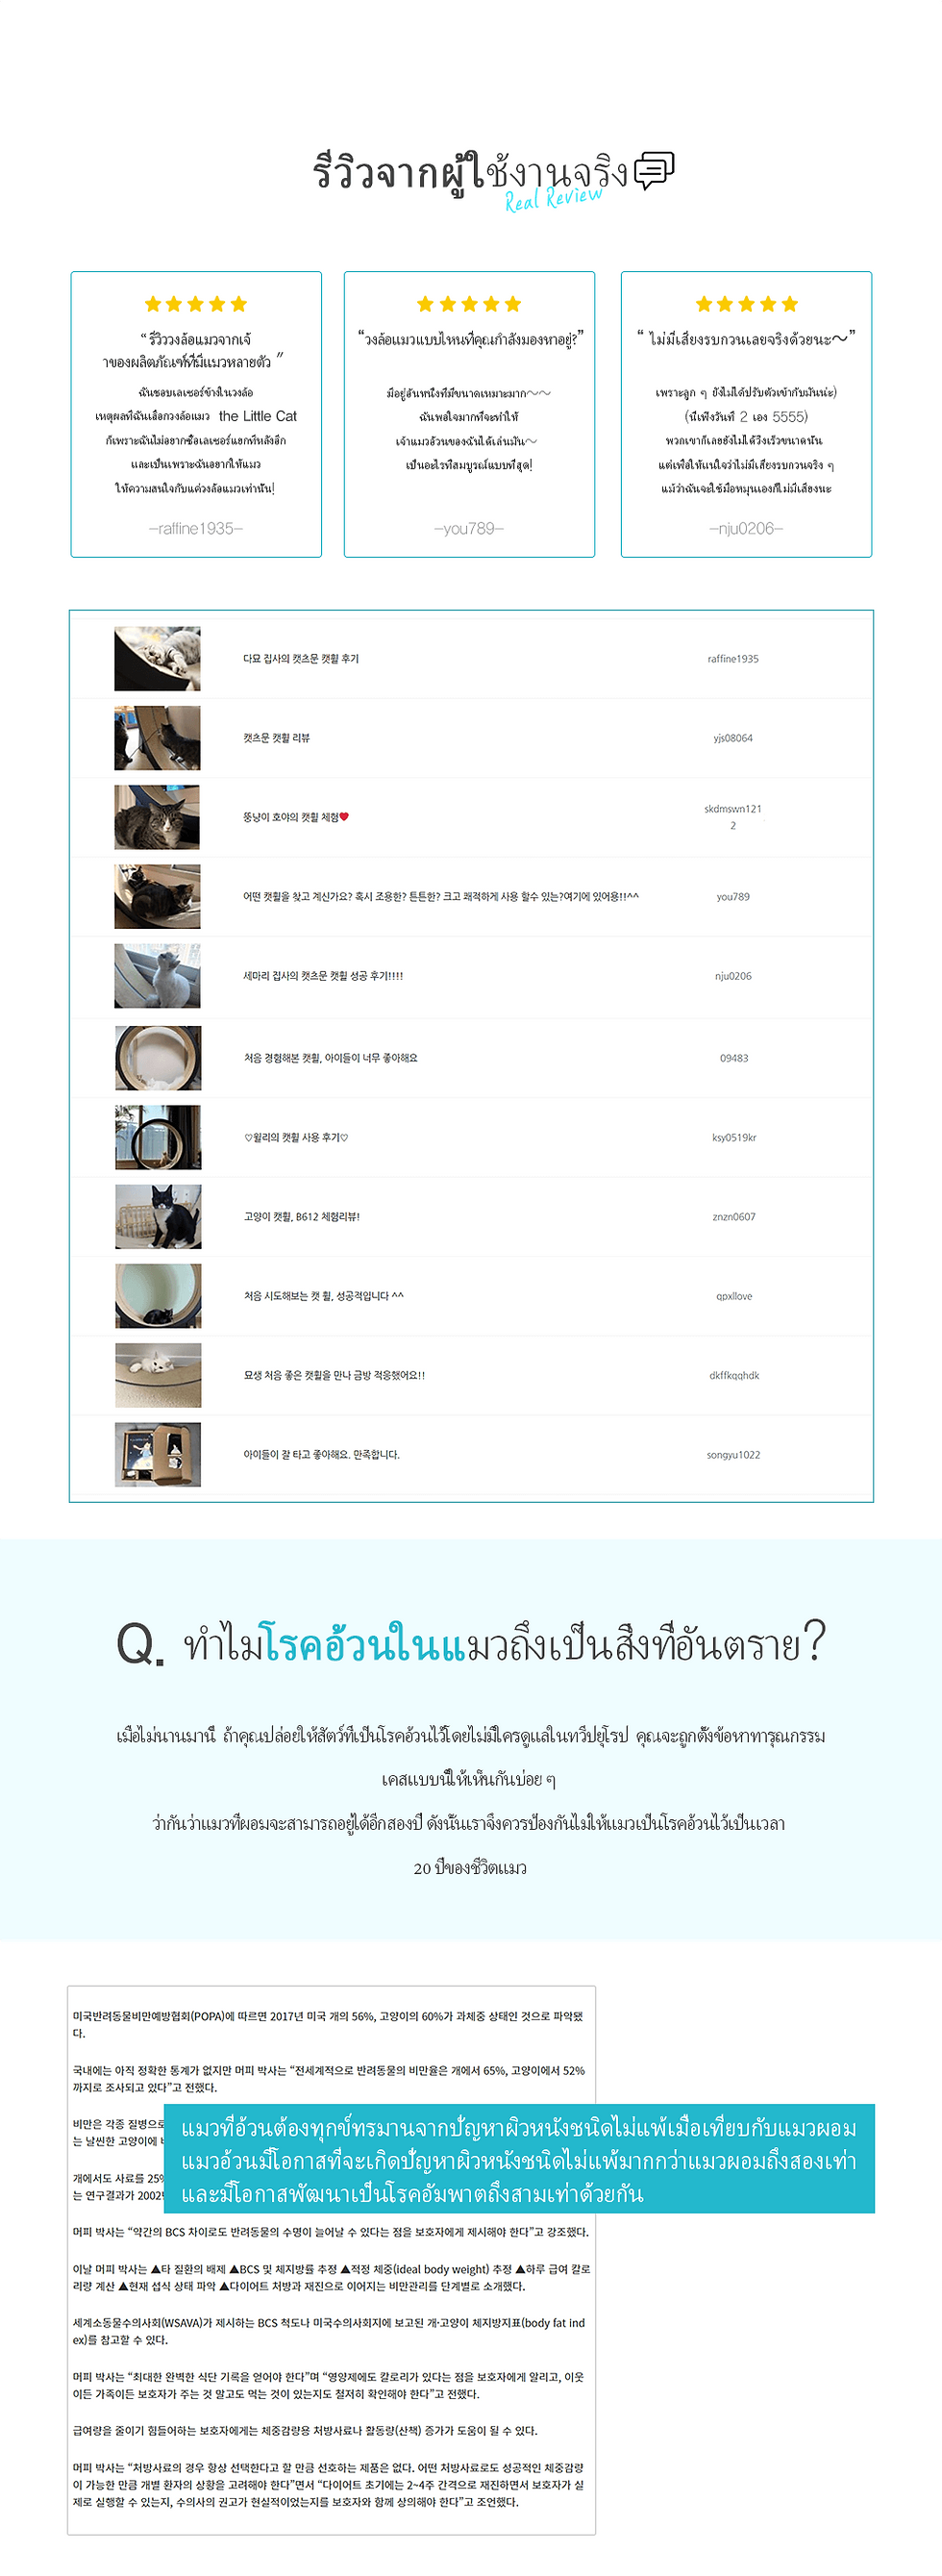 tai_detail_02_01.png